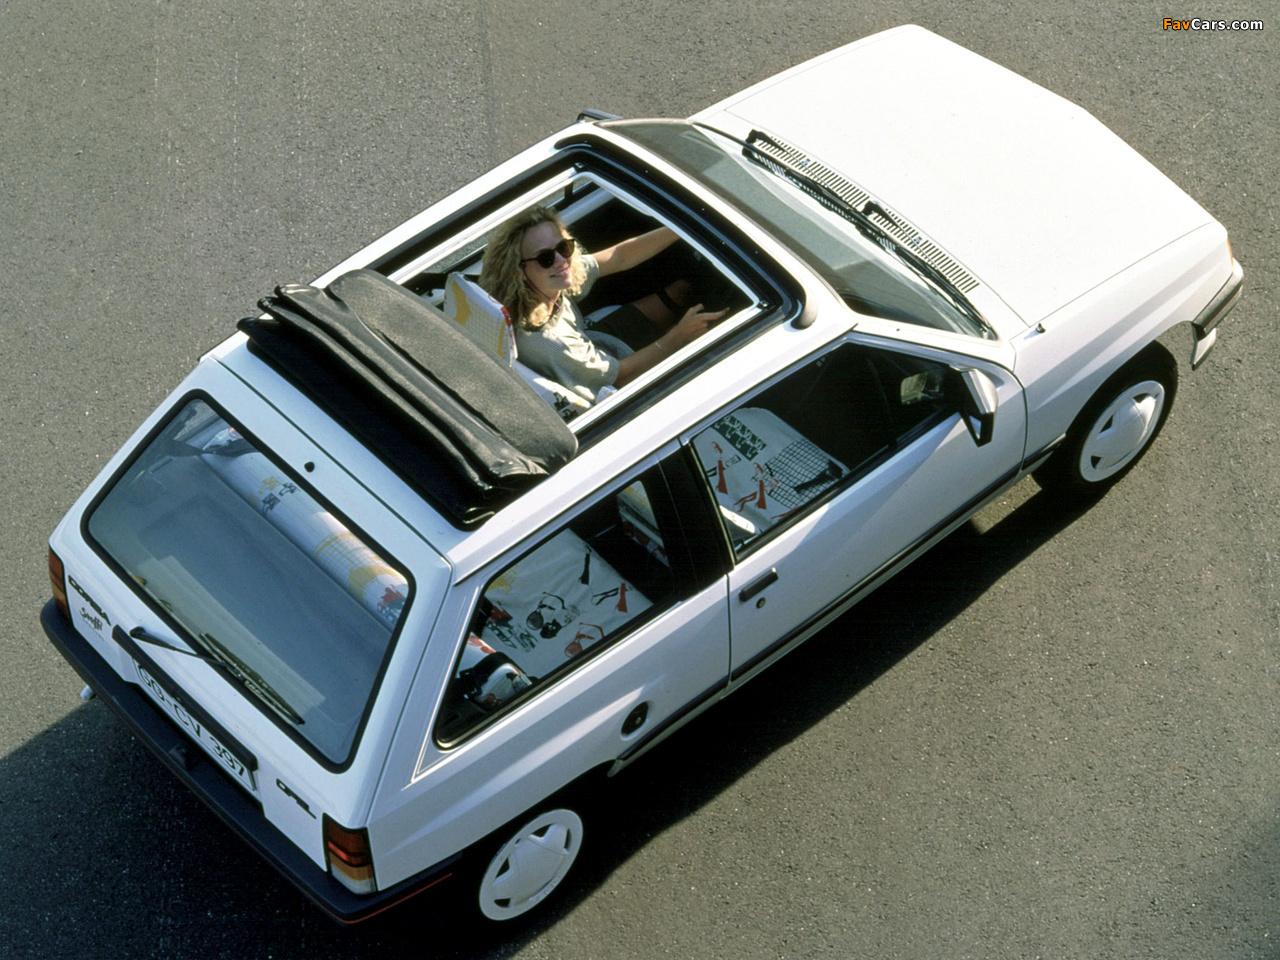 Opel Corsa Steffi Graf Special (A) 1986–89 photos (1280 x 960)